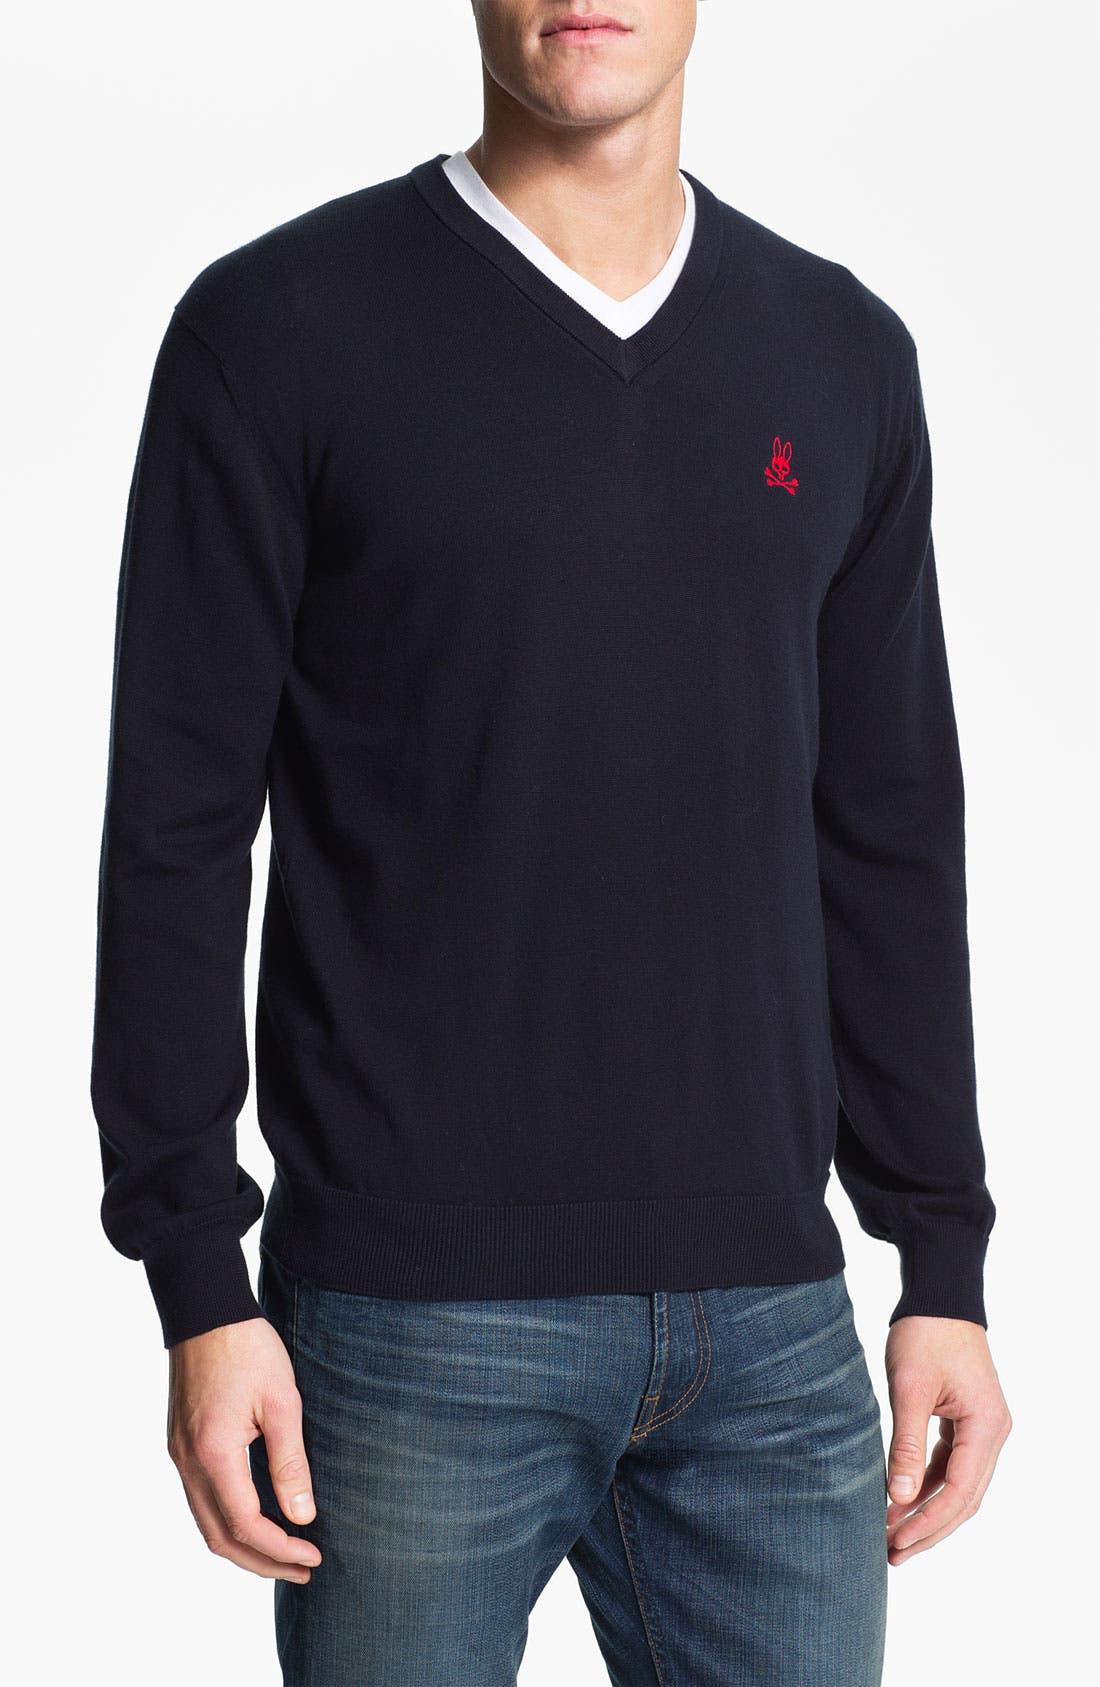 Main Image - Psycho Bunny V-Neck Sweater